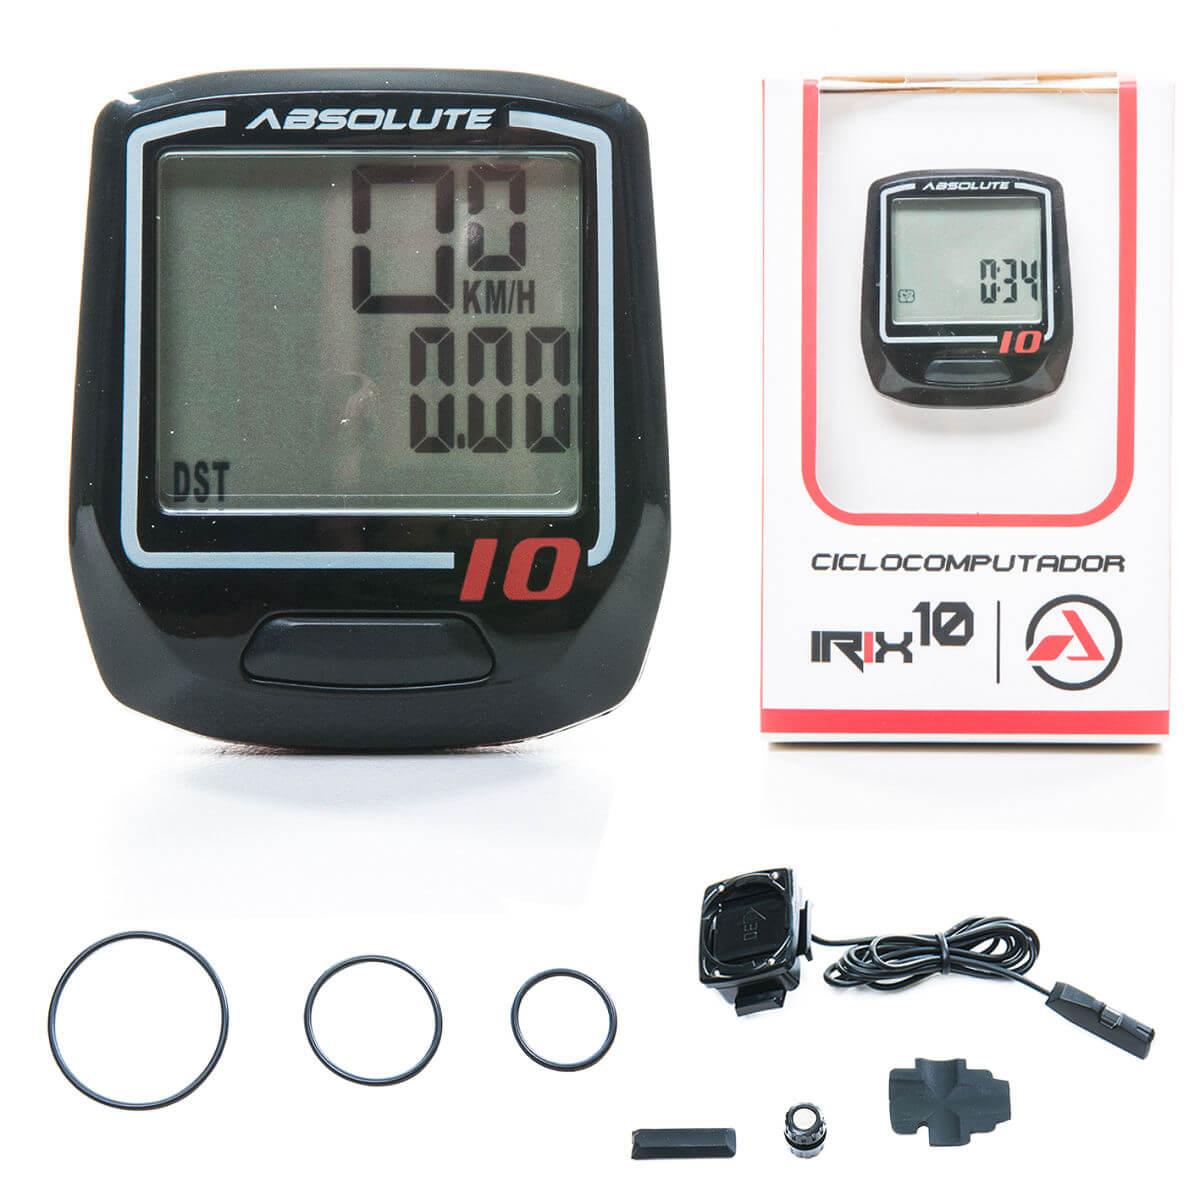 Ciclocomputador Bike Bicicleta Absolute Irix 10 Funções